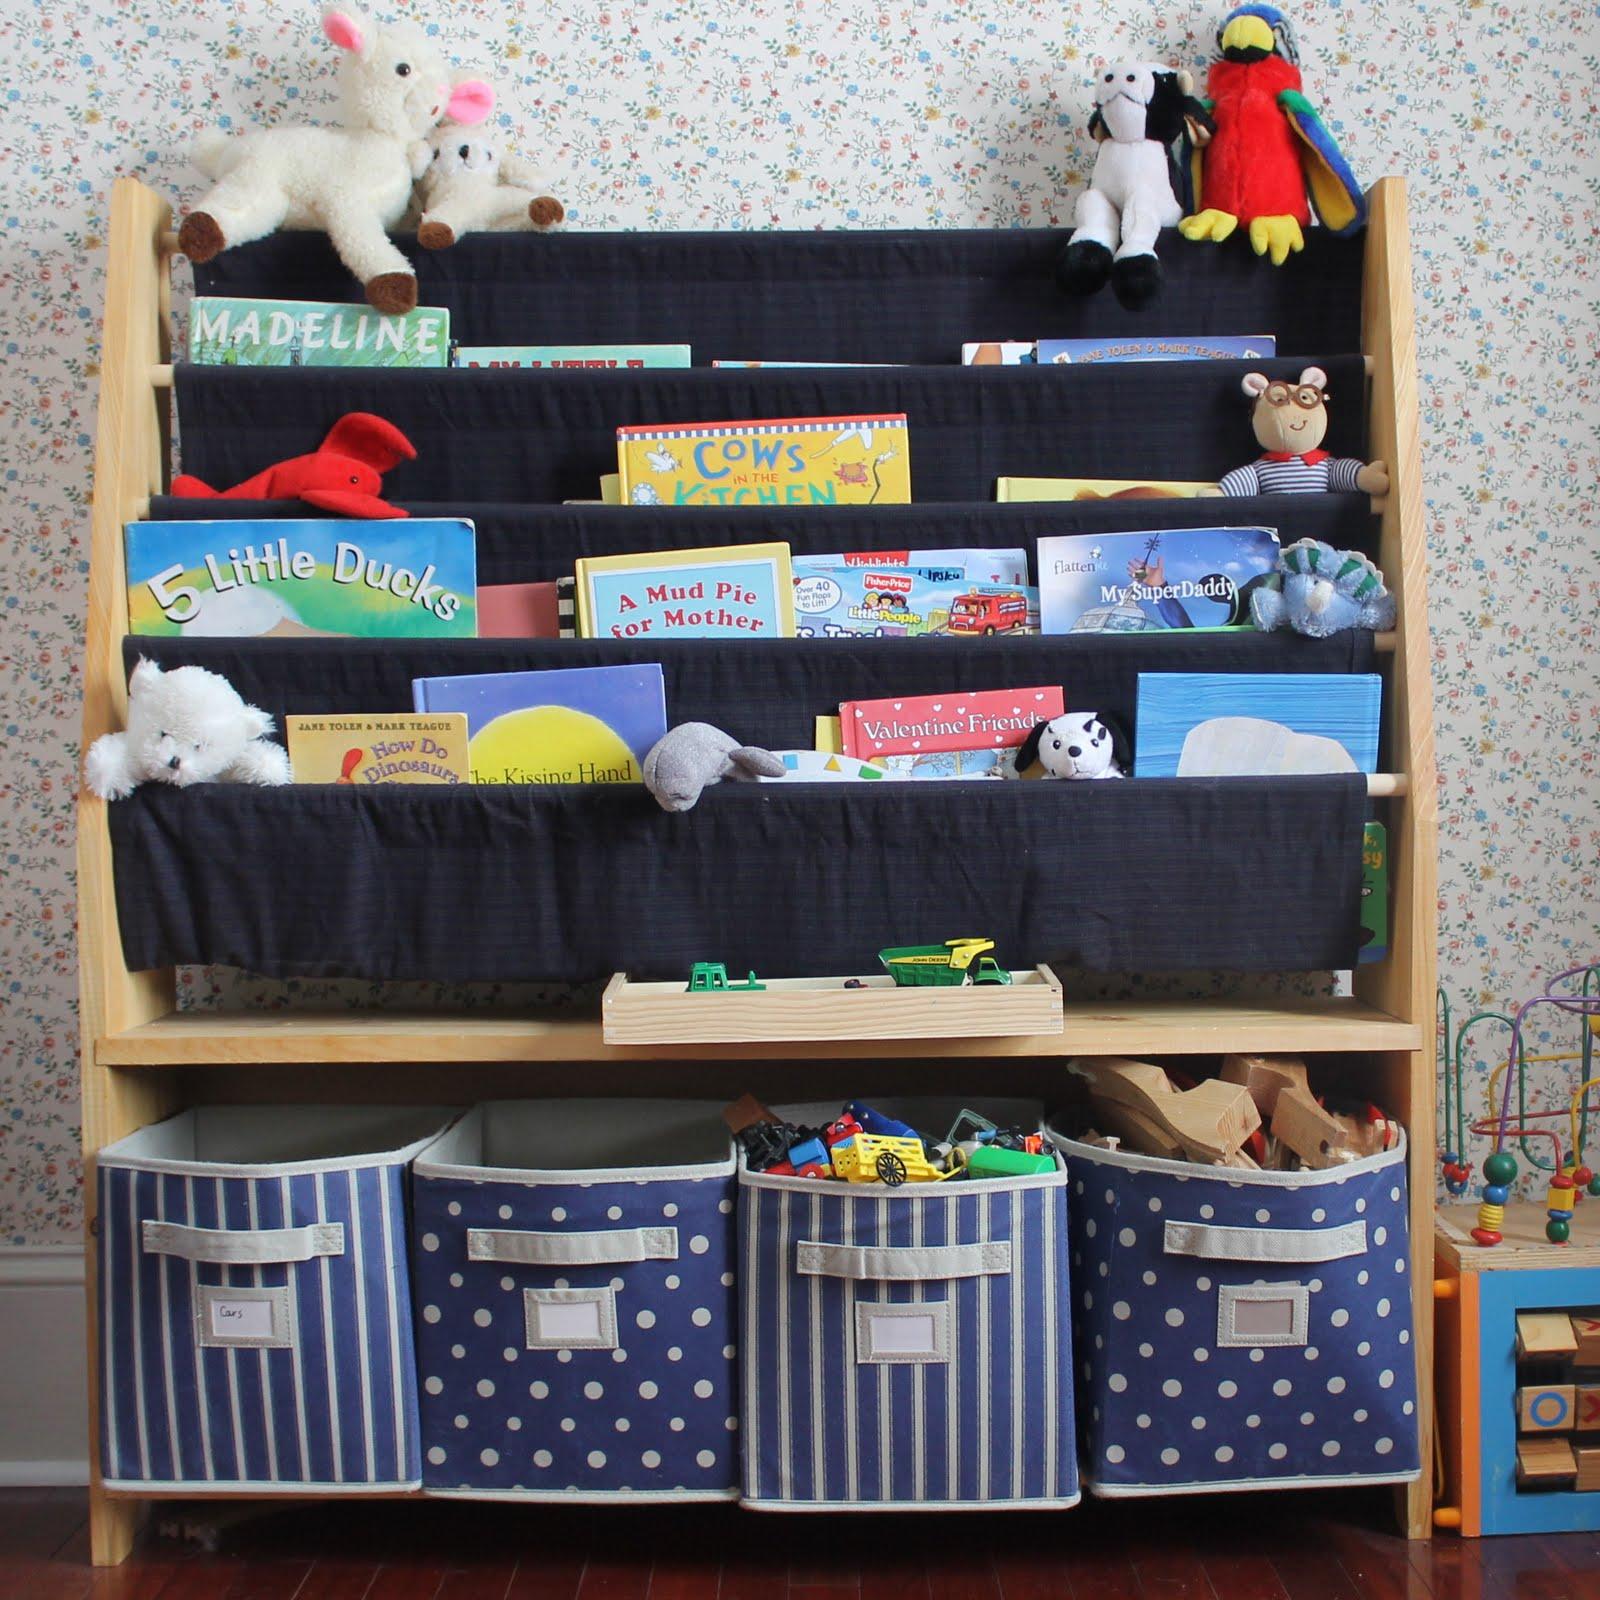 Sling Bookshelf With Storage Bins For Kids